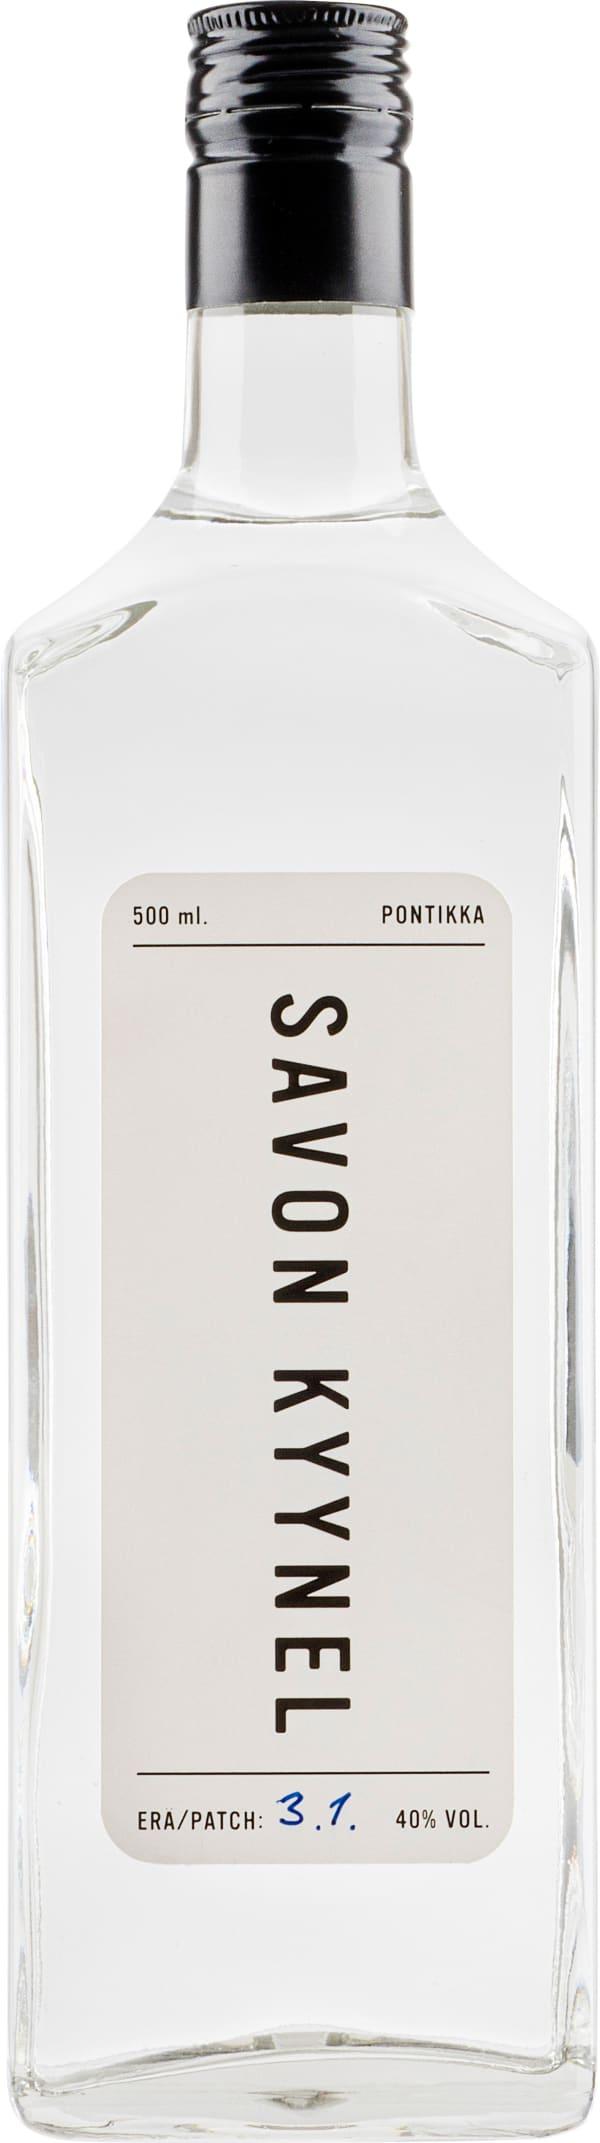 Savon Kyynel Pontikka